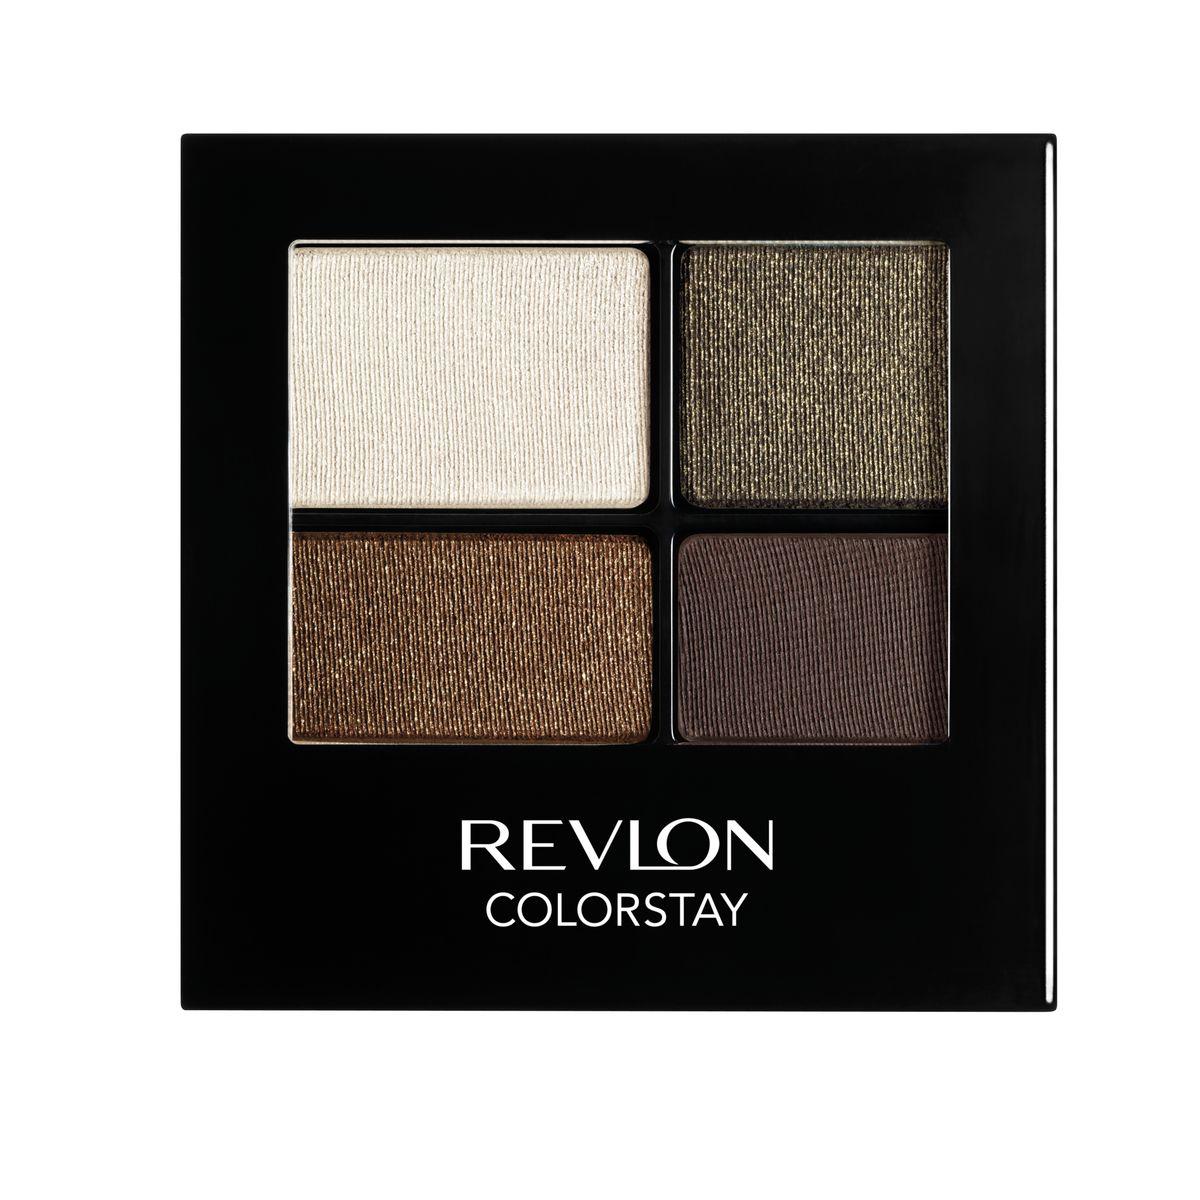 Revlon Тени для Век Четырехцветные Colorstay Eye16 Hour Eye Shadow Quad Adventurous 515 42 г7210767004Colorstay 16 Hour Sahdow - роскошные тени для век с шелковистой текстурой и невероятно стойкой формулой. Теперь ваш макияж сохранит свой безупречный вид не менее 16 часов! Все оттенки гармонично сочетаются друг с другом и легко смешиваются, позволяя создать бесконечное количество вариантов макияжа глаз: от нежных, естественных, едва заметных, до ярких, выразительных, драматических. На оборотной стороне продукта приведена схема нанесения.Аккуратно нанести на веки специальной кисточкой.